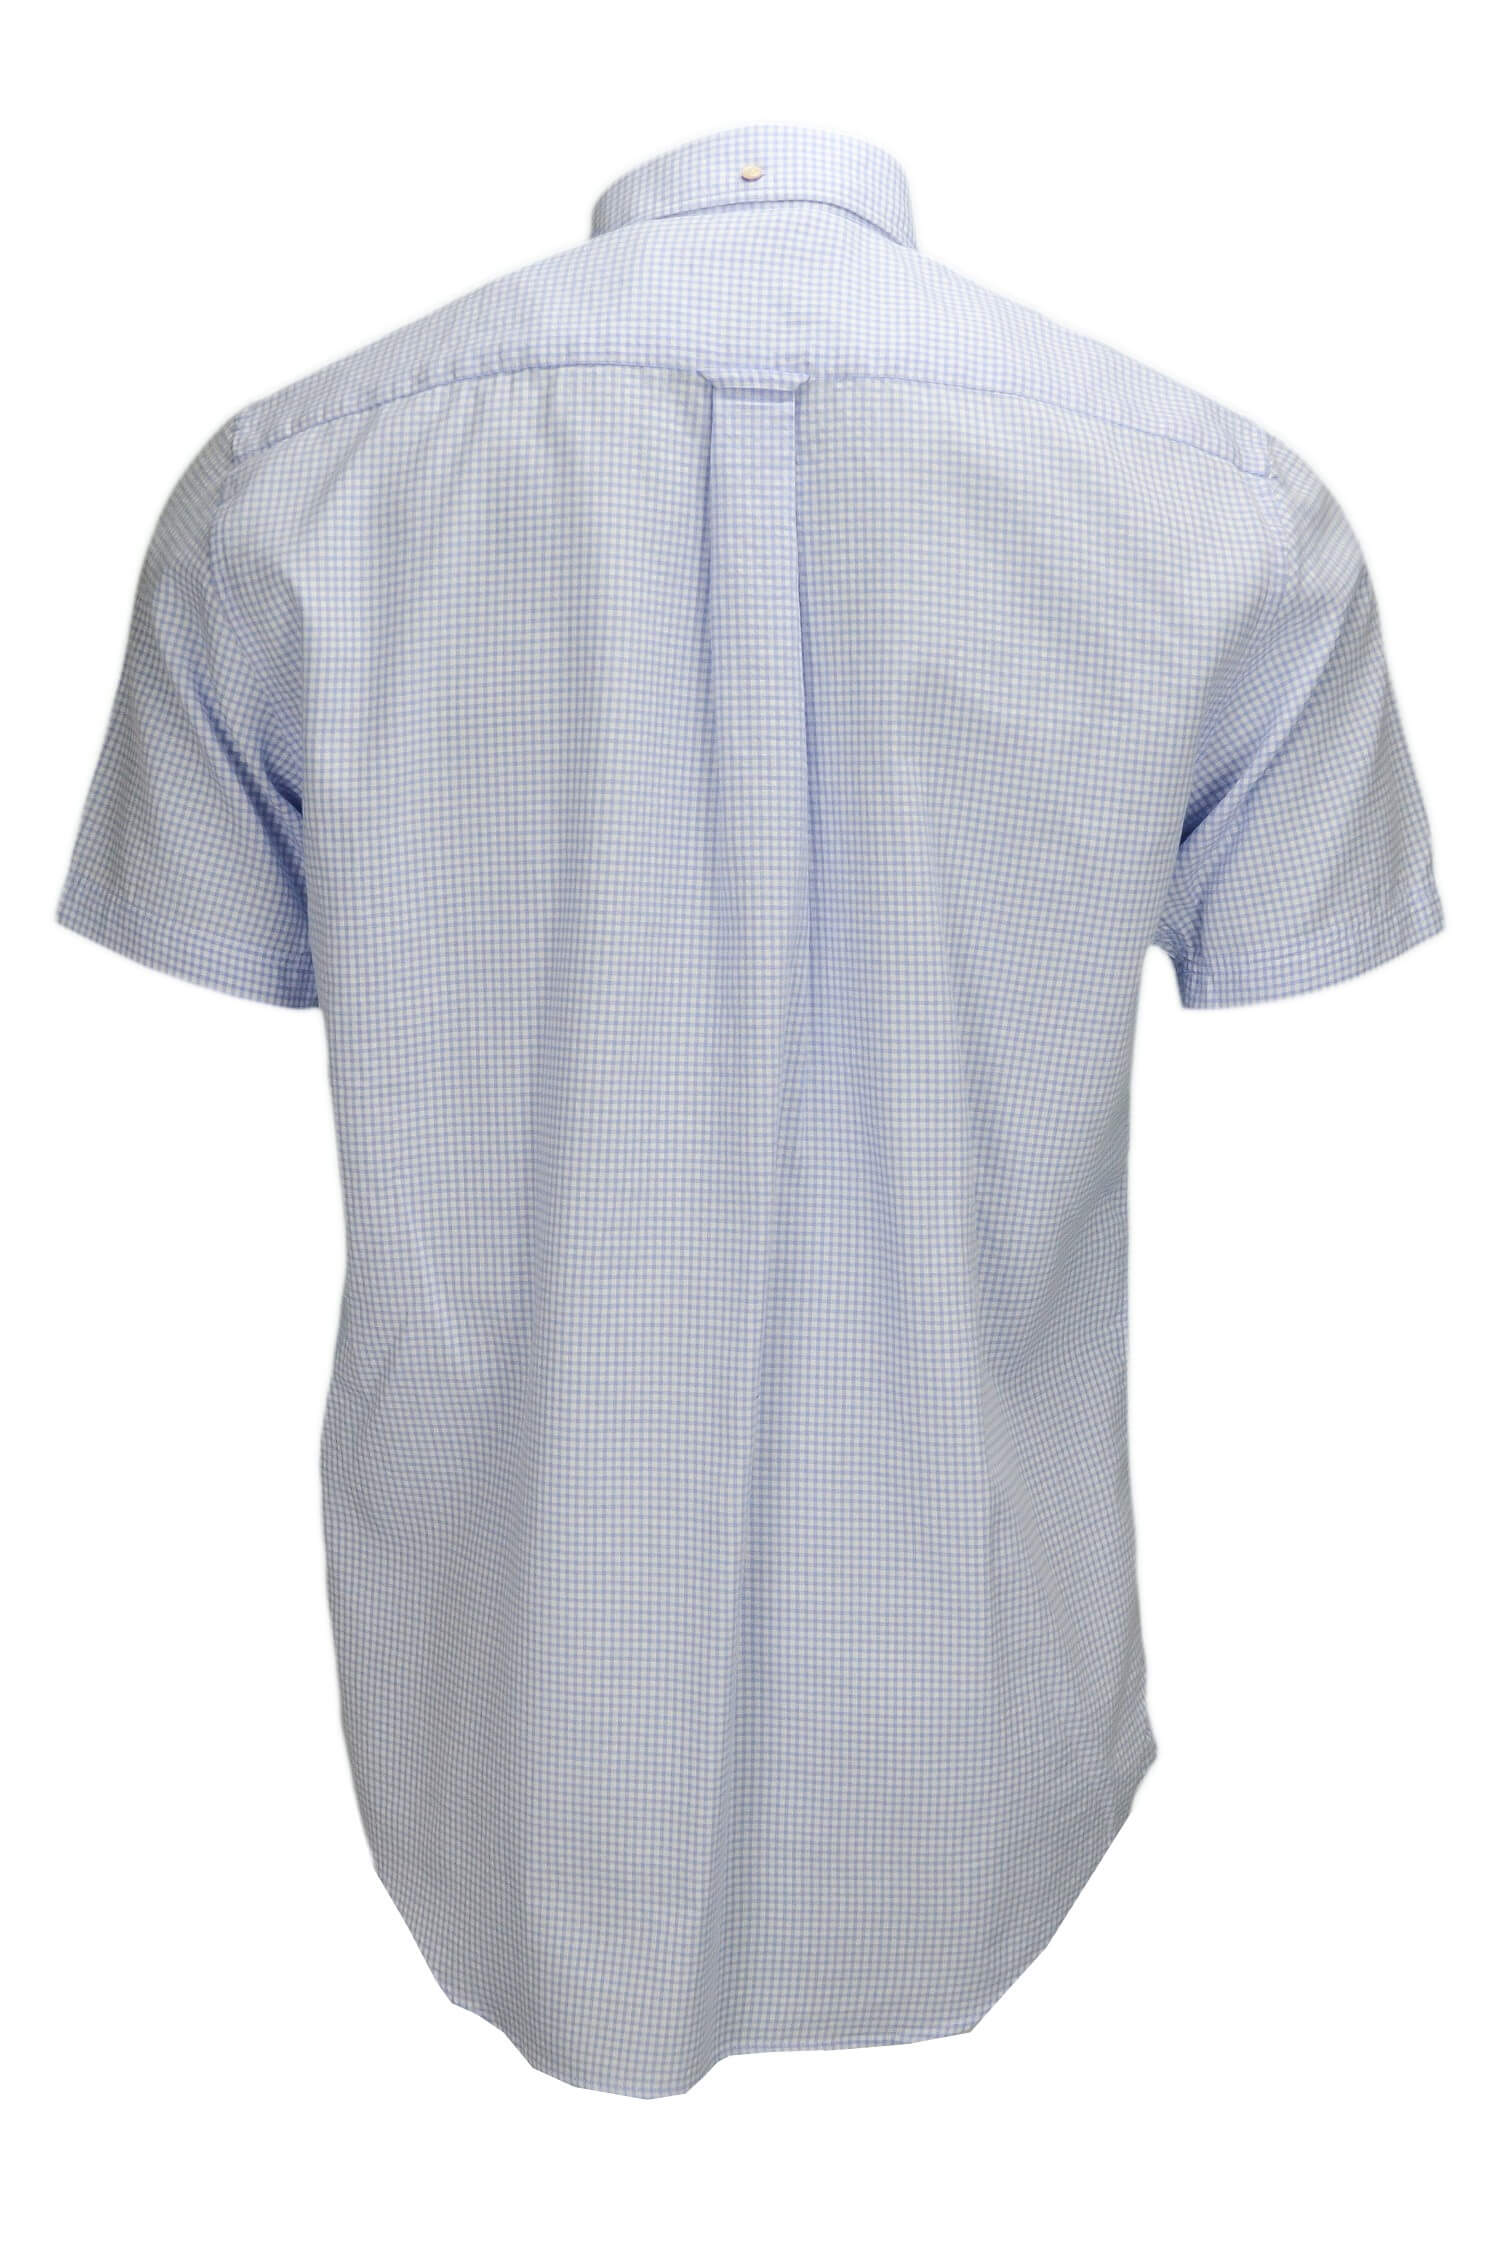 chemise manches courtes gant tech prep carreaux bleu pour homme. Black Bedroom Furniture Sets. Home Design Ideas